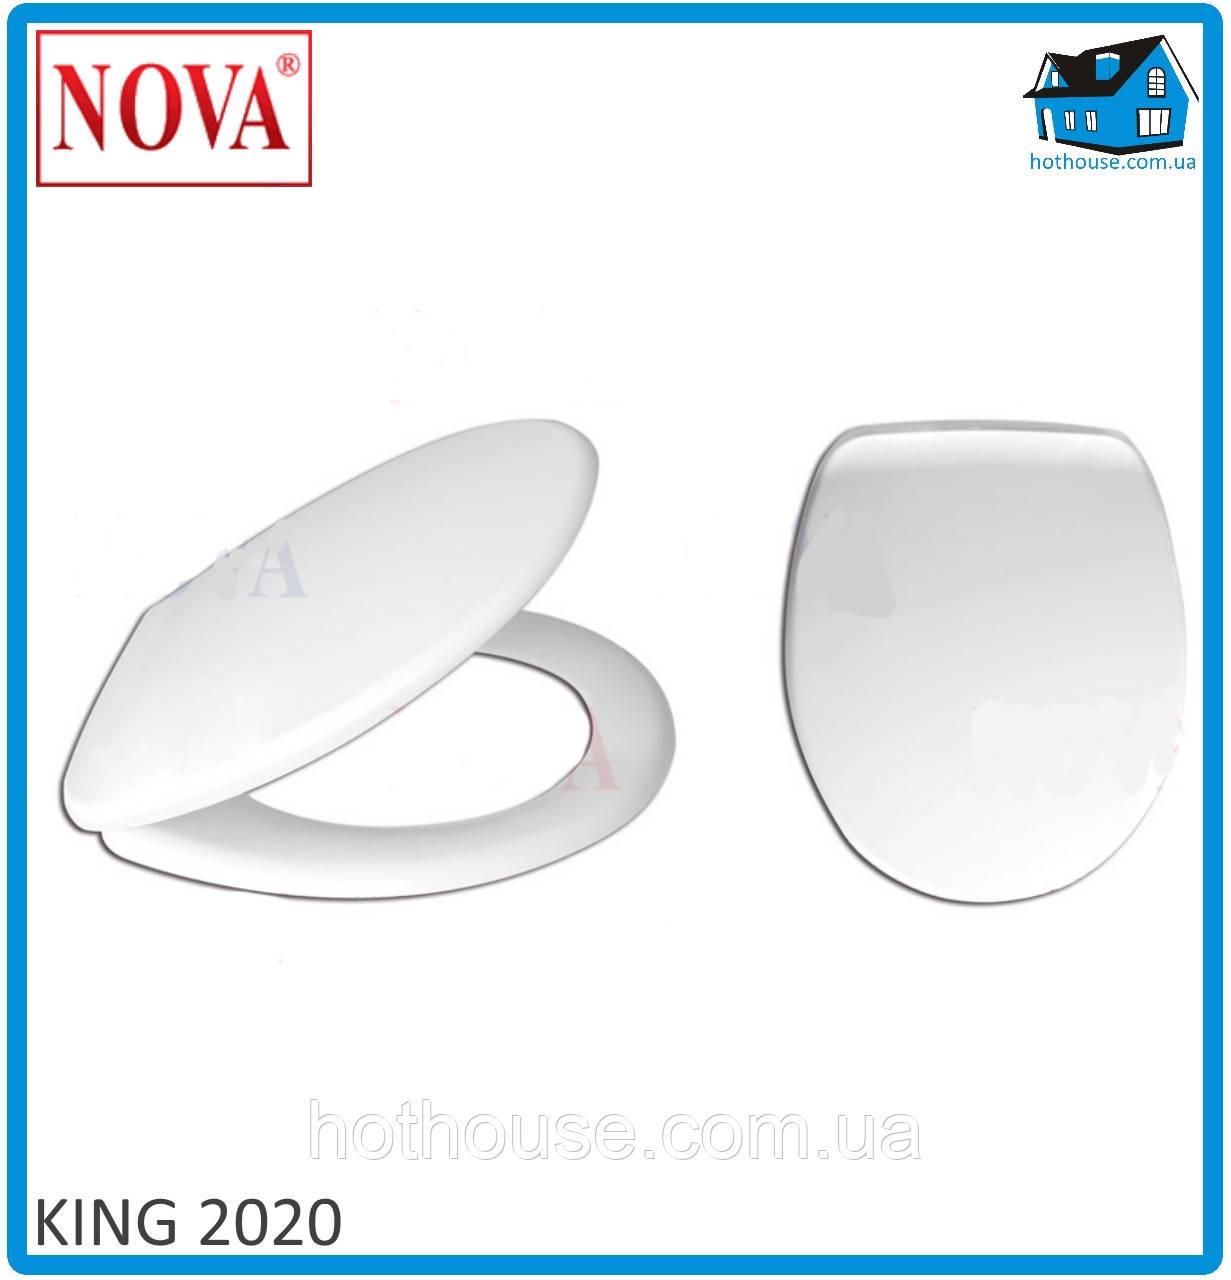 Сидение (крышка) для унитаза King 2020